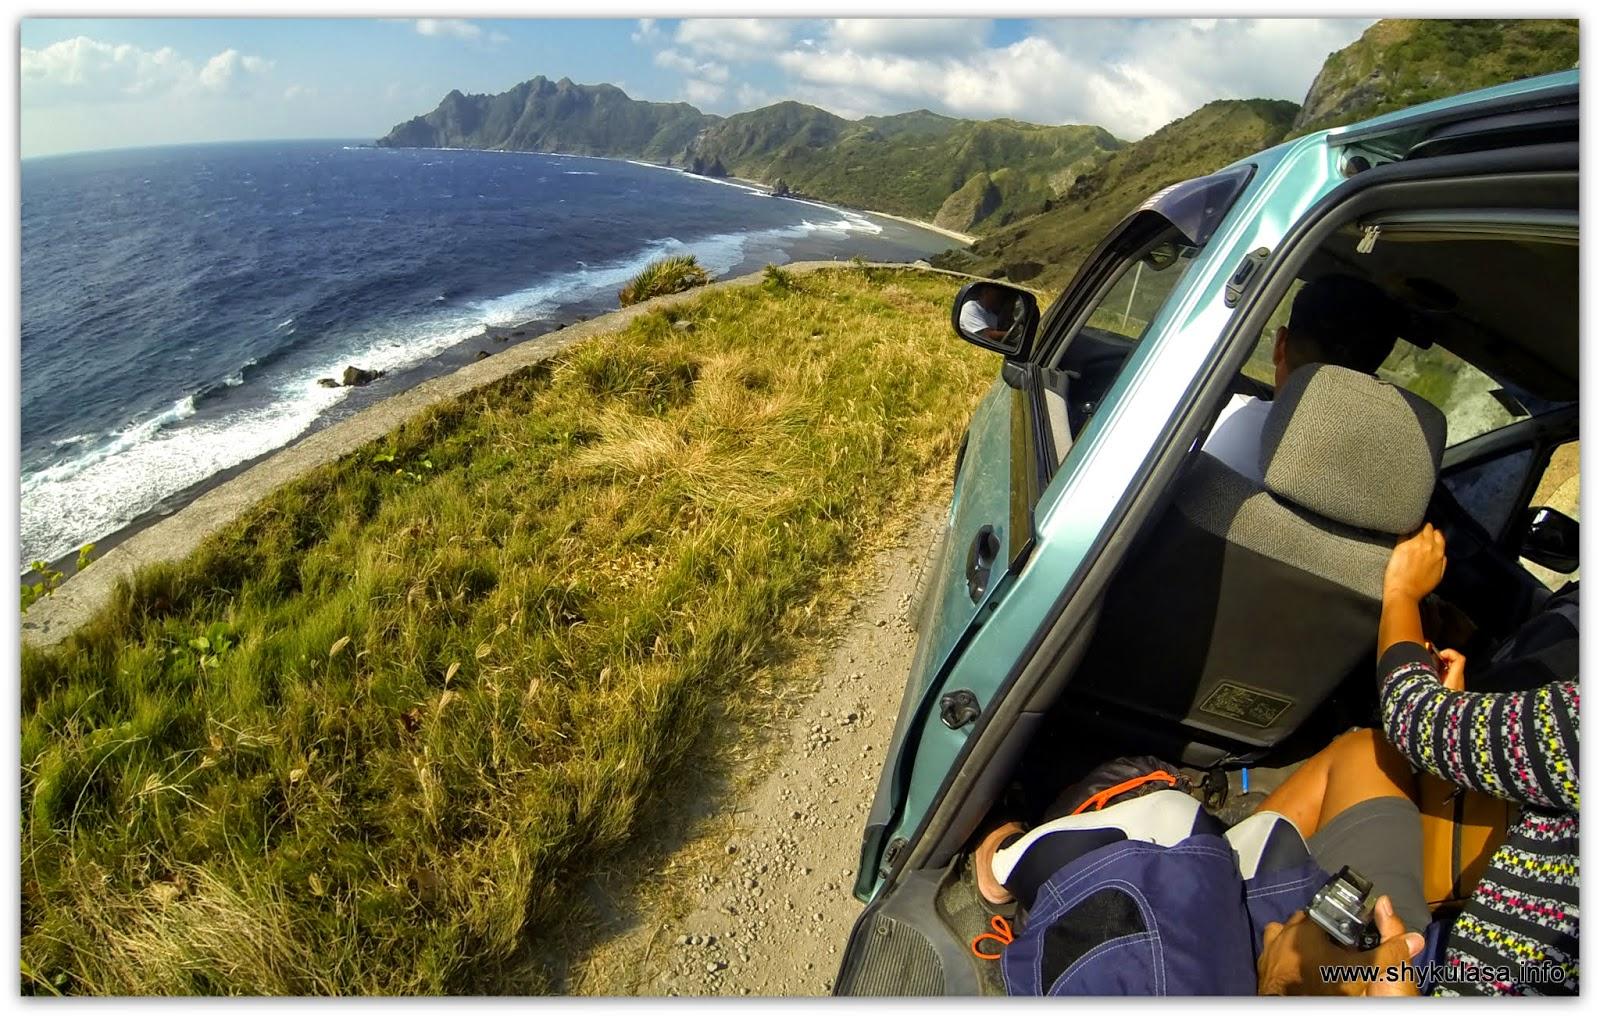 Coastal road at Sabtang Island, Batanes